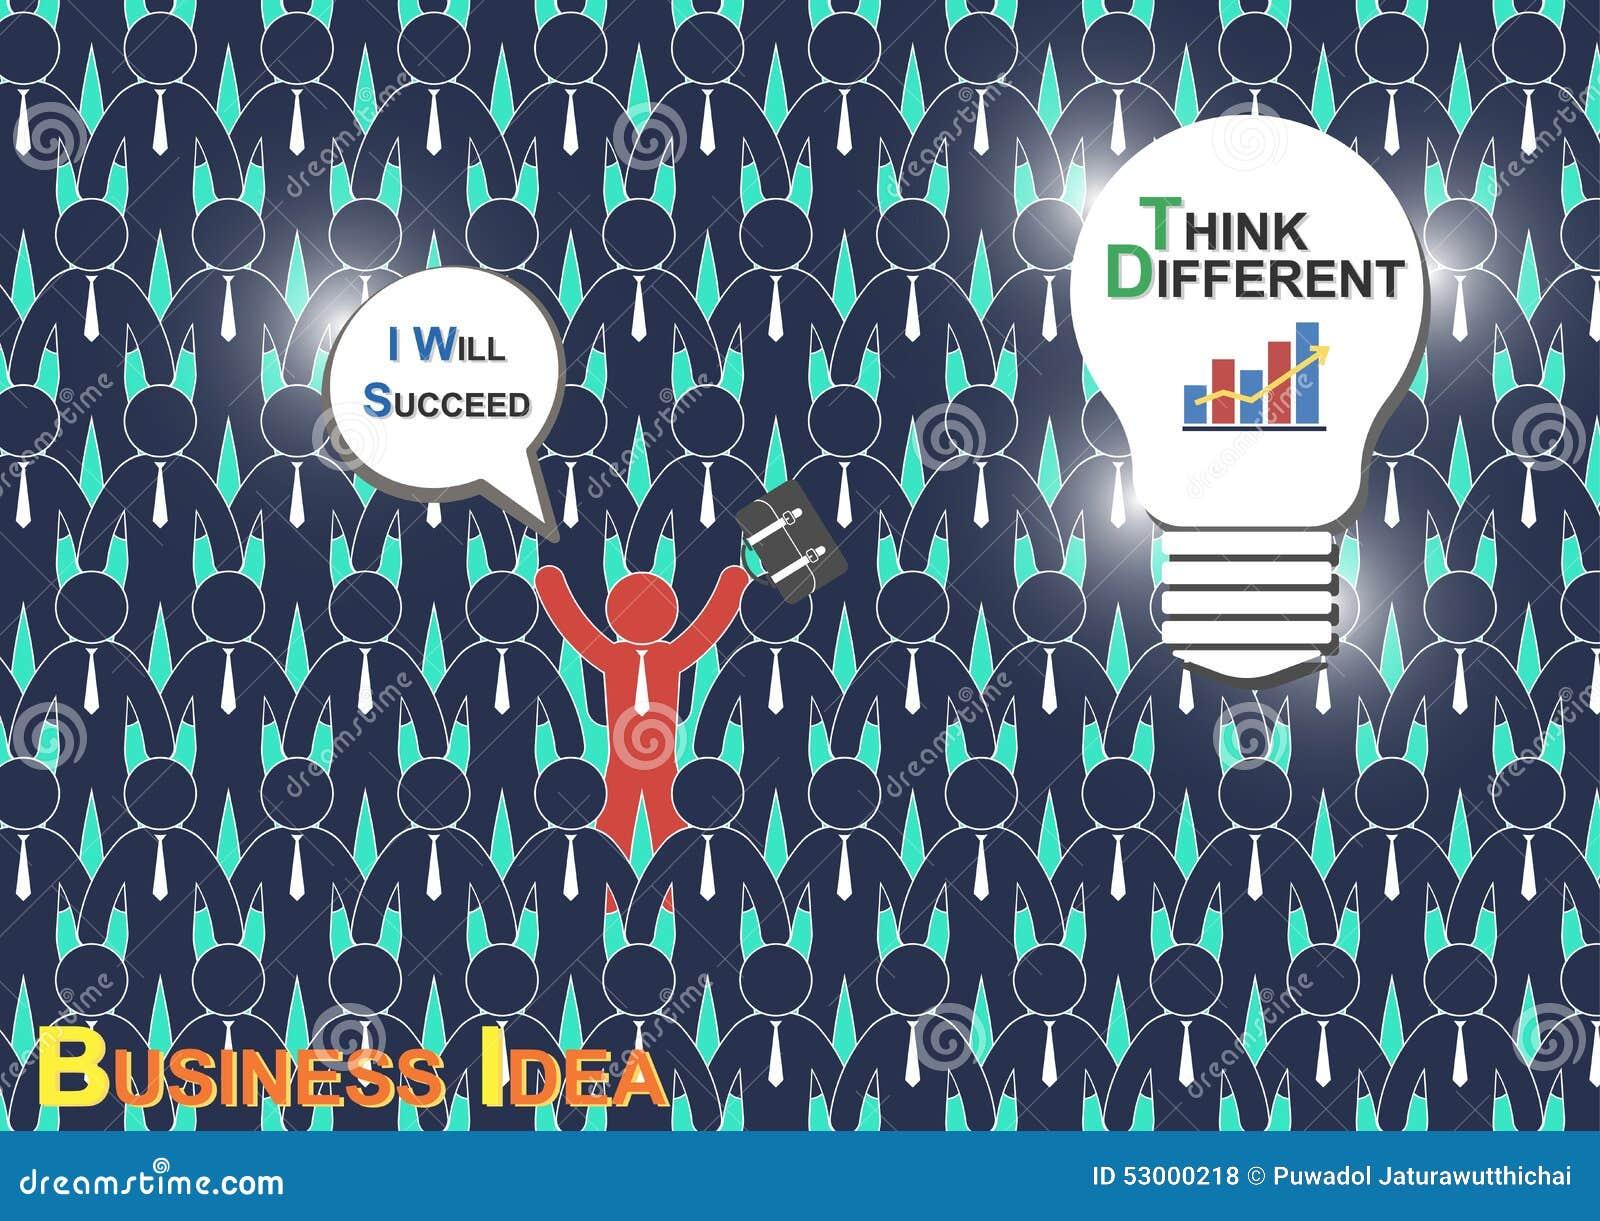 Pense diferente (ideia do negócio) (o homem de negócios tem a ideia diferente mas o outro homem de negócios ter não nenhuma ideia